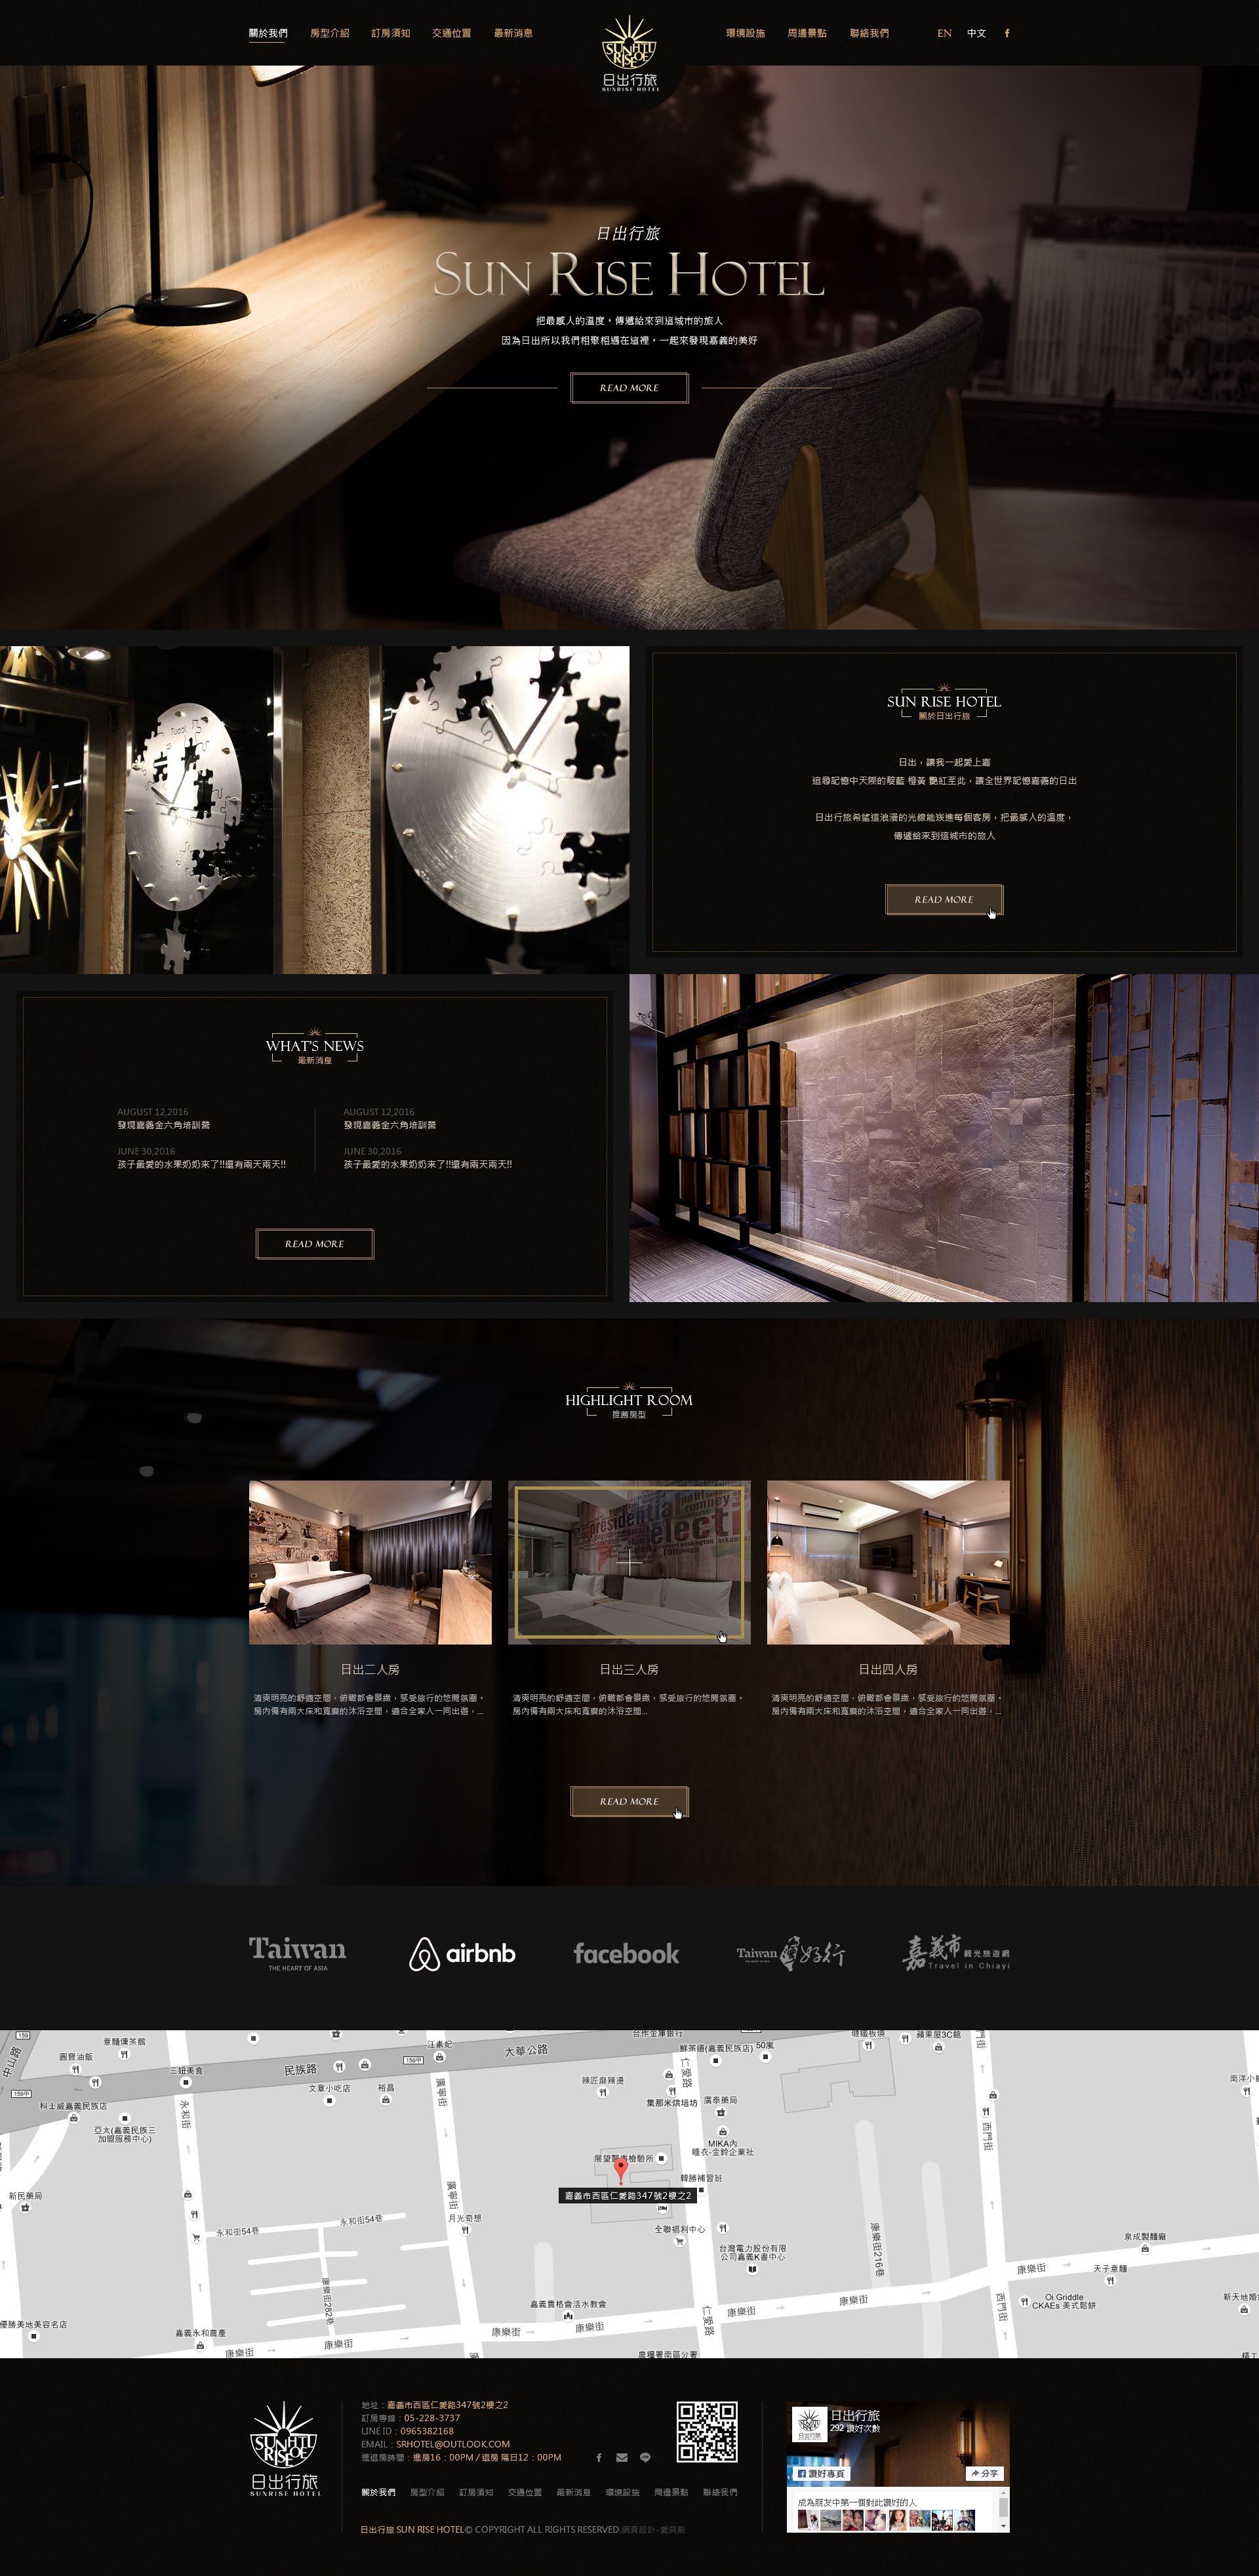 日出行旅-網頁設計